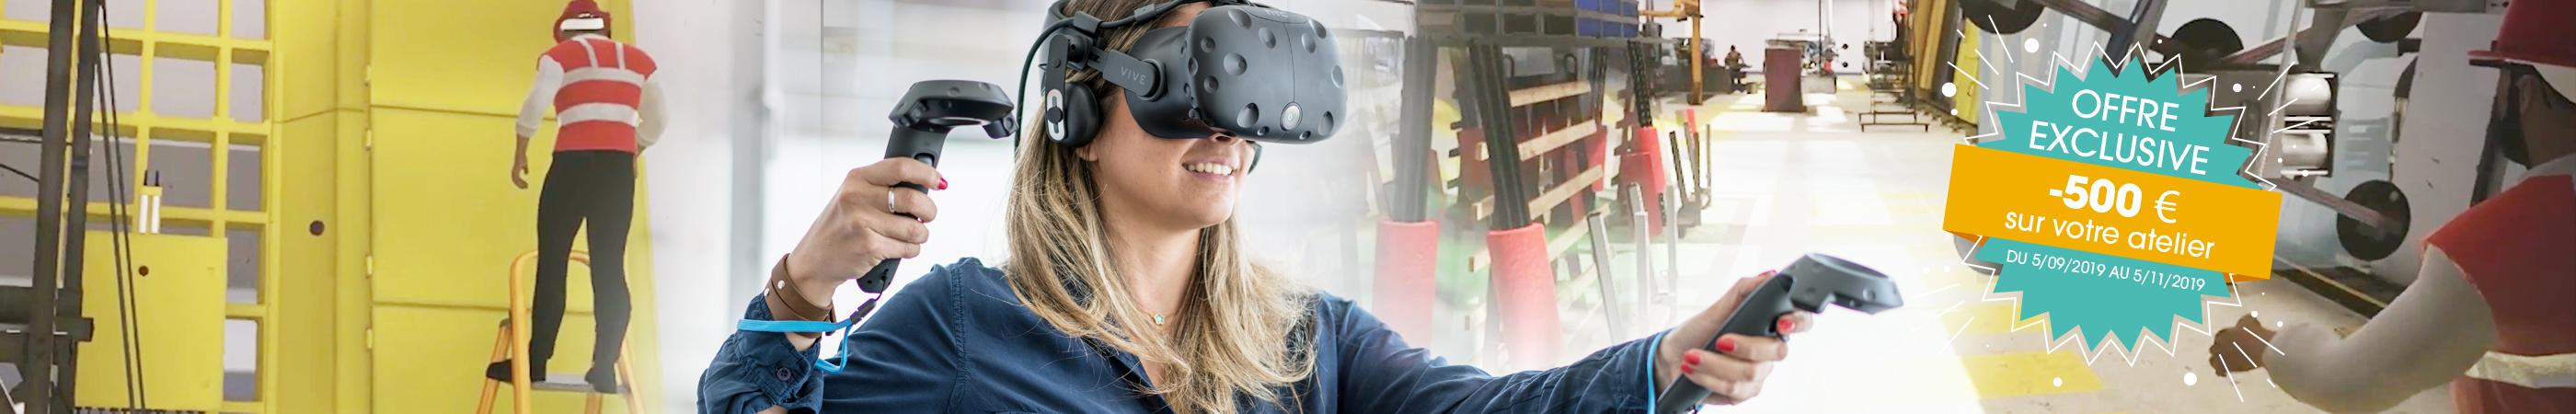 promotion du 5 septembre au 5 novembre sur tous les ateliers de réalité virtuelle